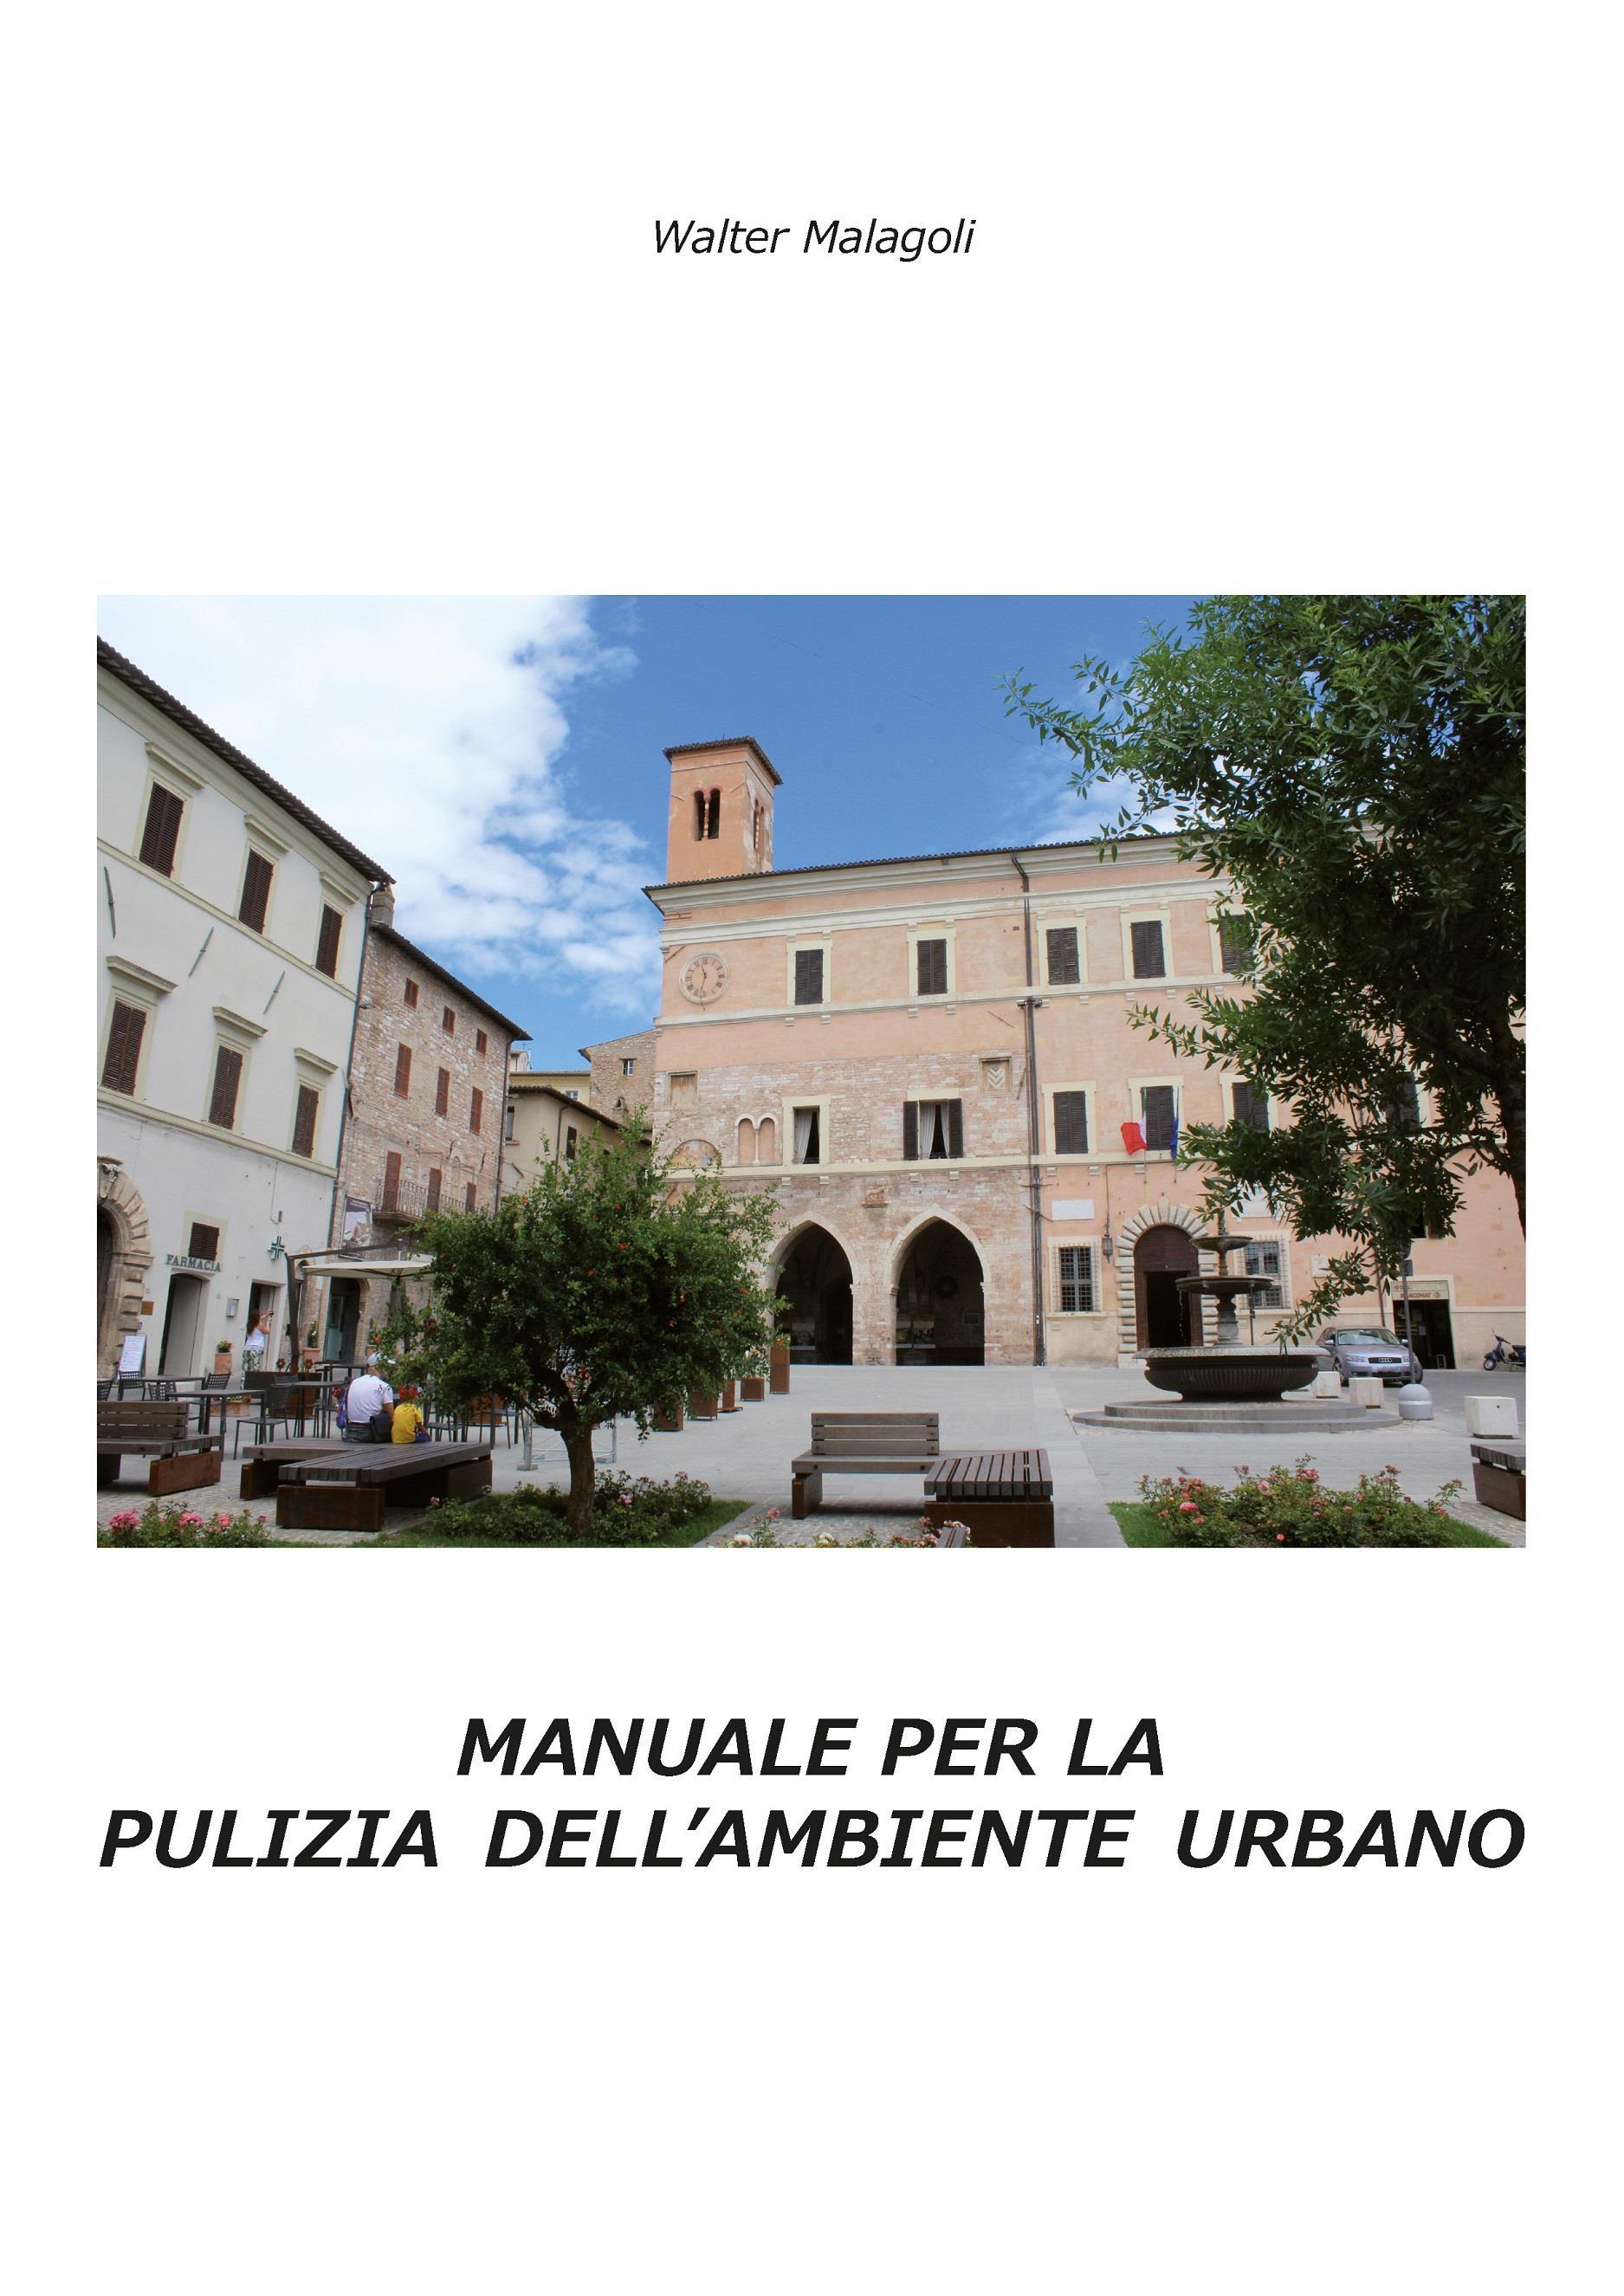 Manuale per la pulizia dell'ambiente urbano